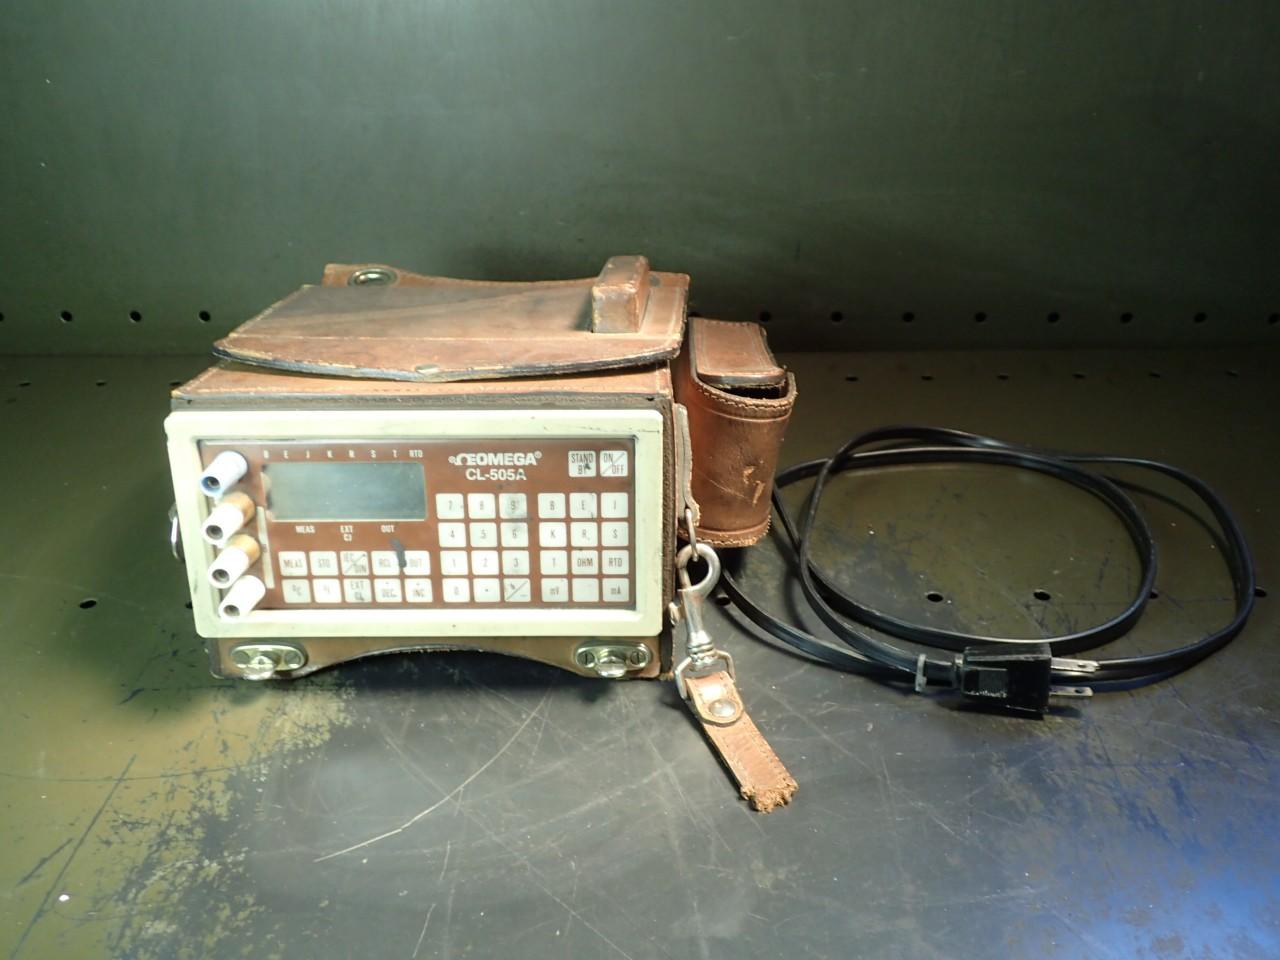 Omega CL-505A Precision Calibrator Thermocouple RTD mA mV Ohm, Used in Good Cond